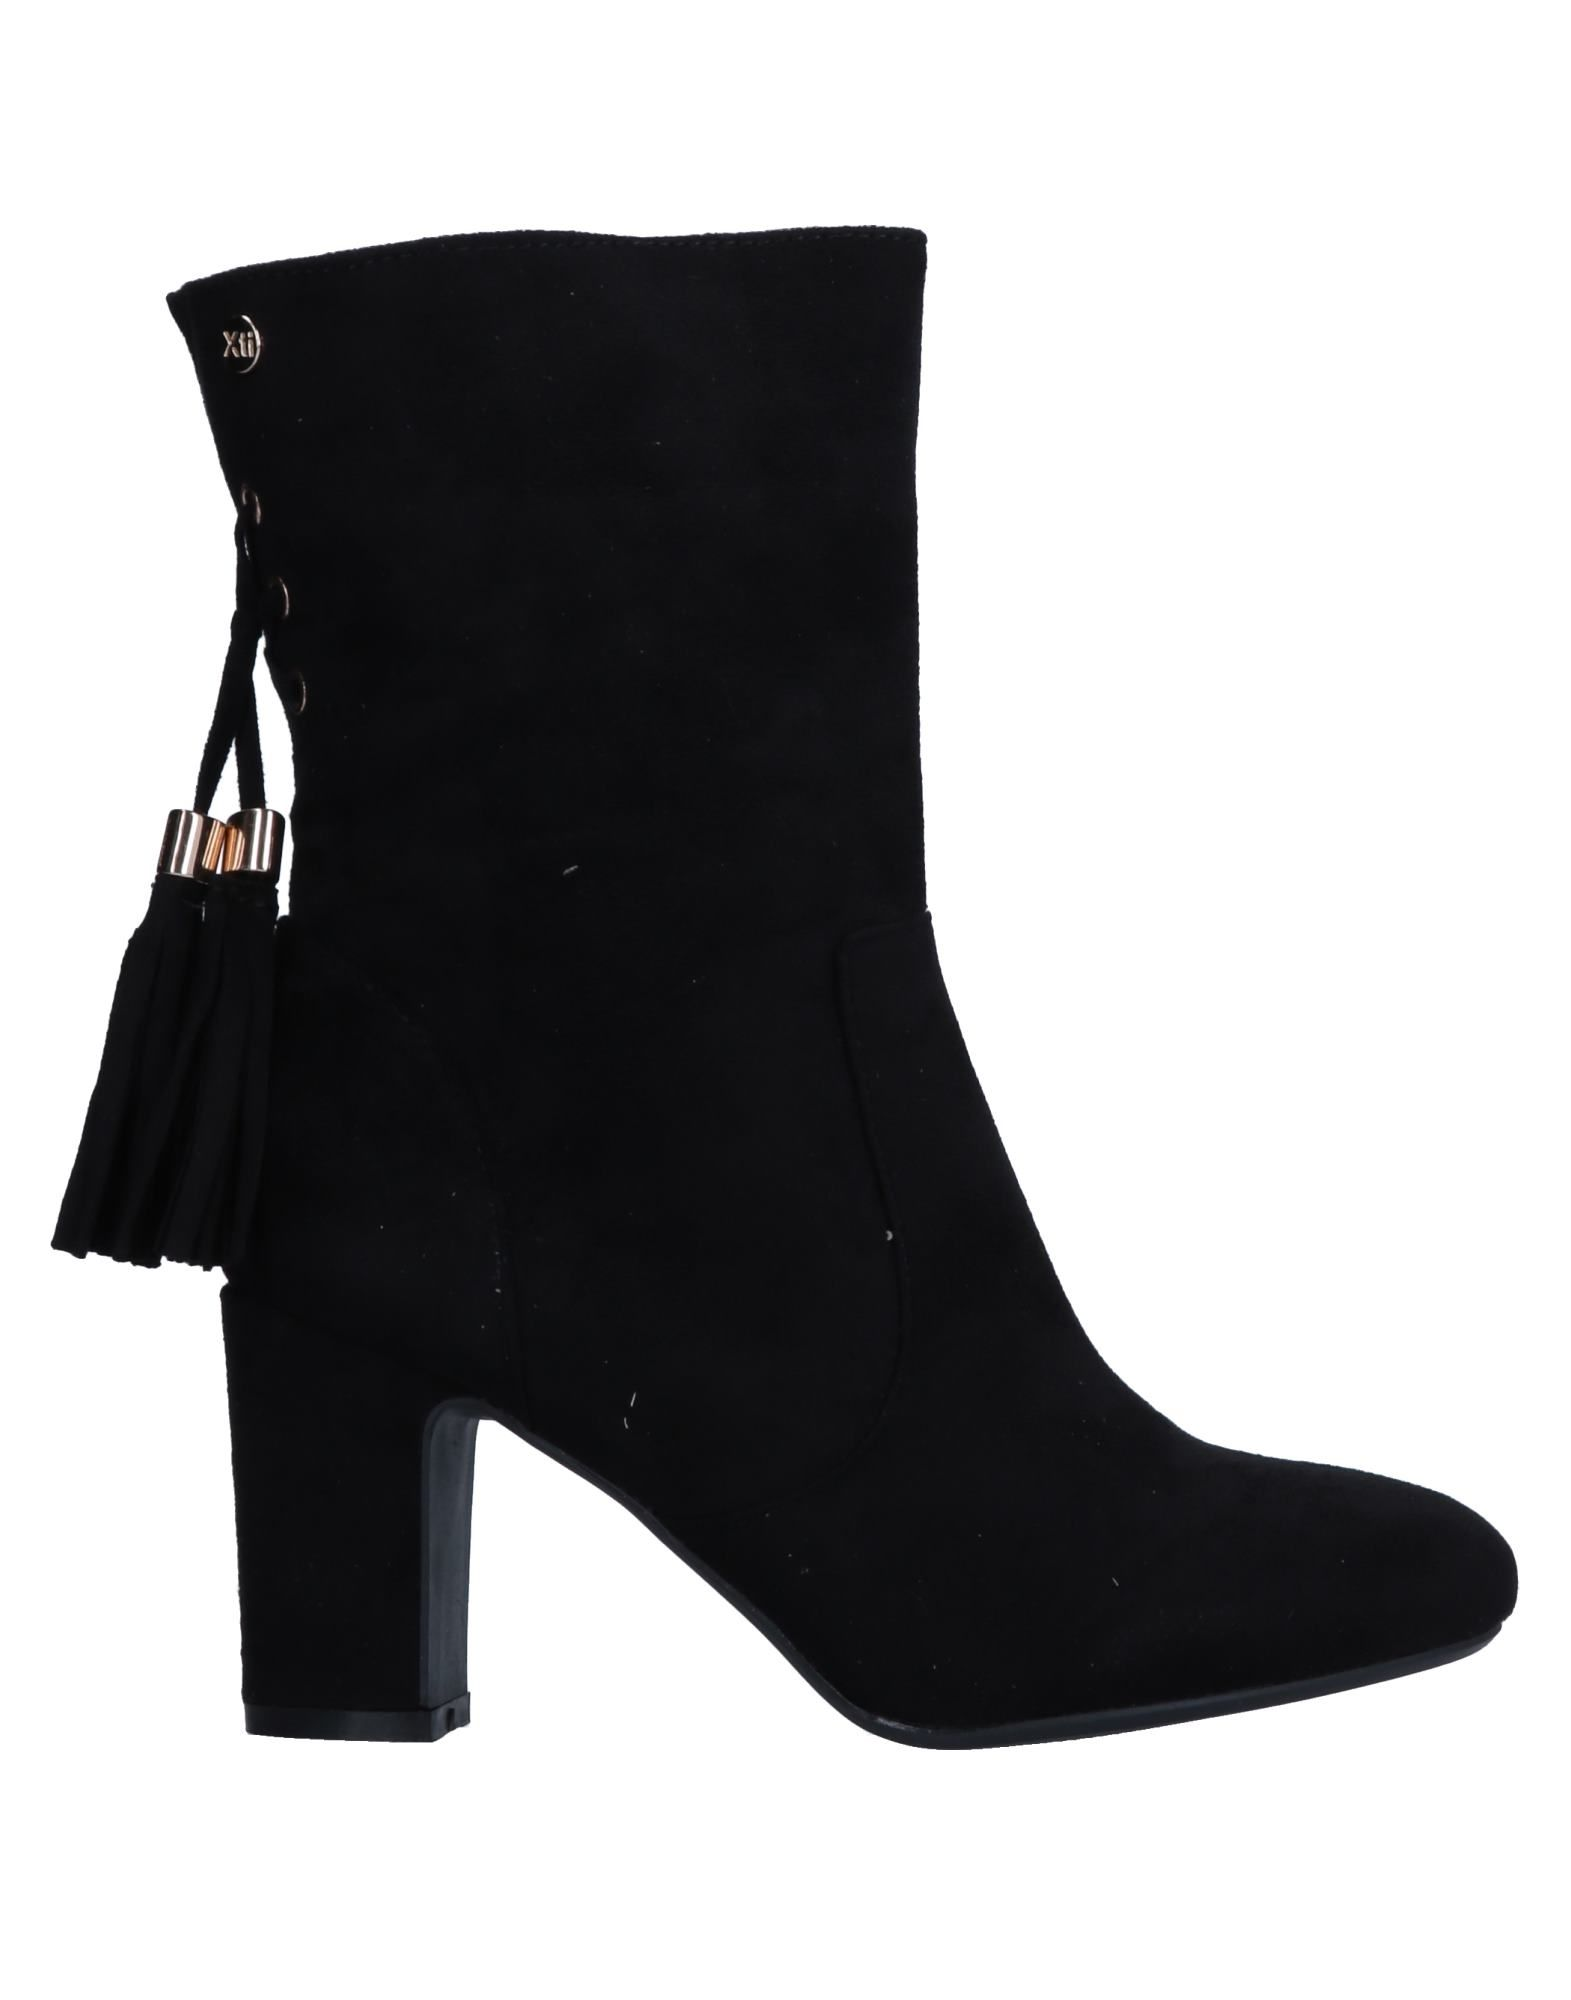 XTI Полусапоги и высокие ботинки цены онлайн